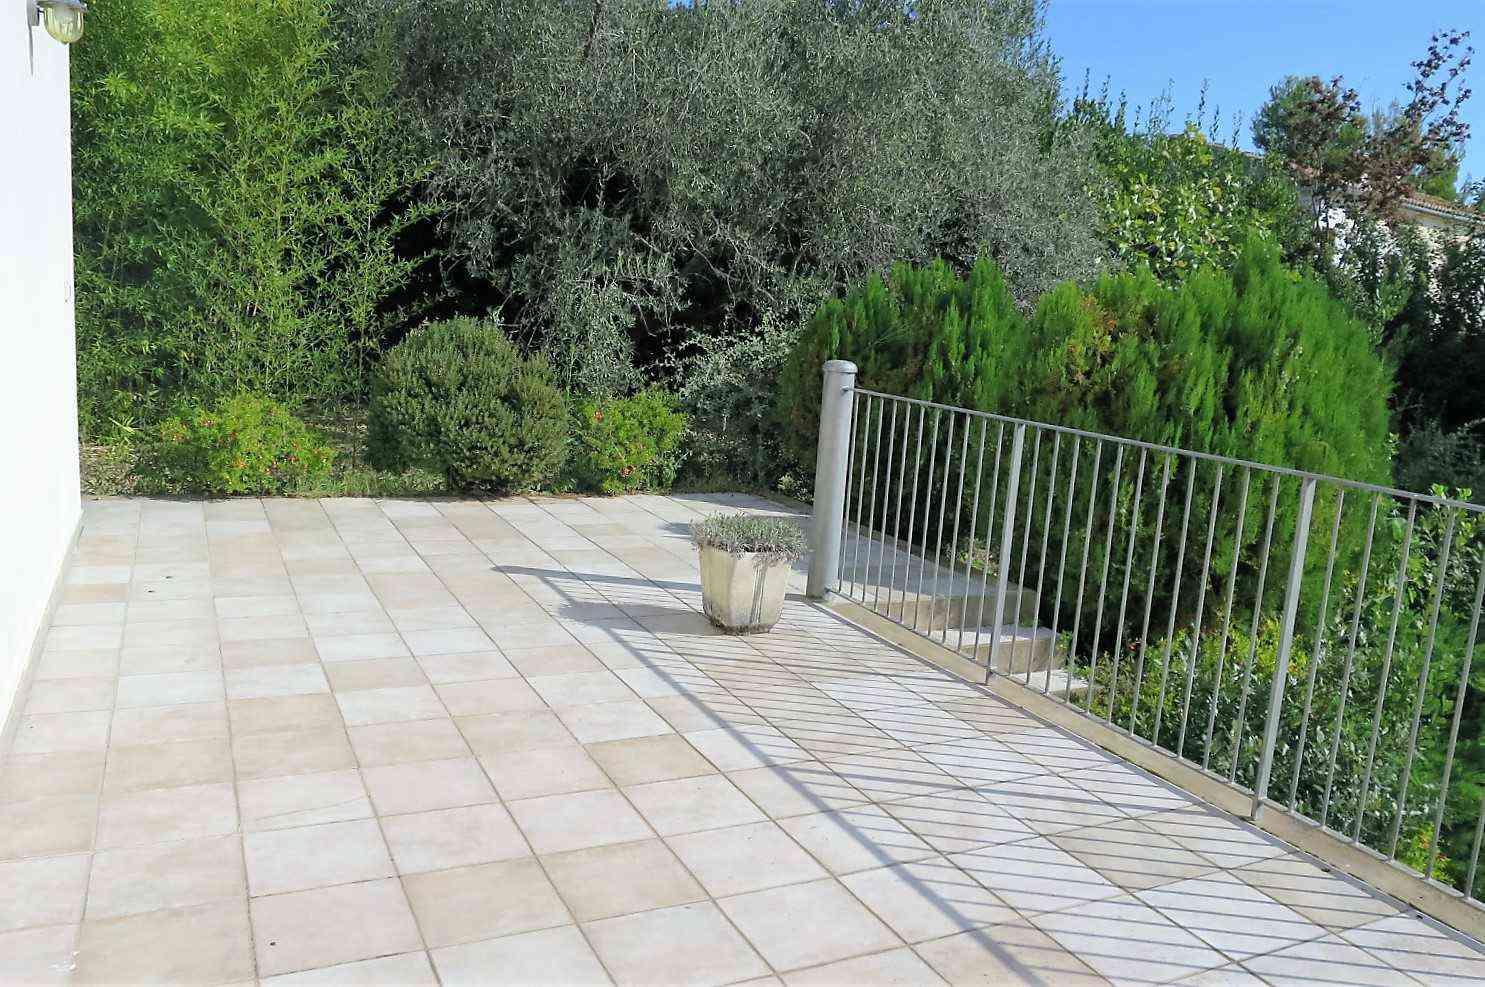 Villa Villa for sale Atri (TE), Villa Paola - Atri - EUR 473.281 240